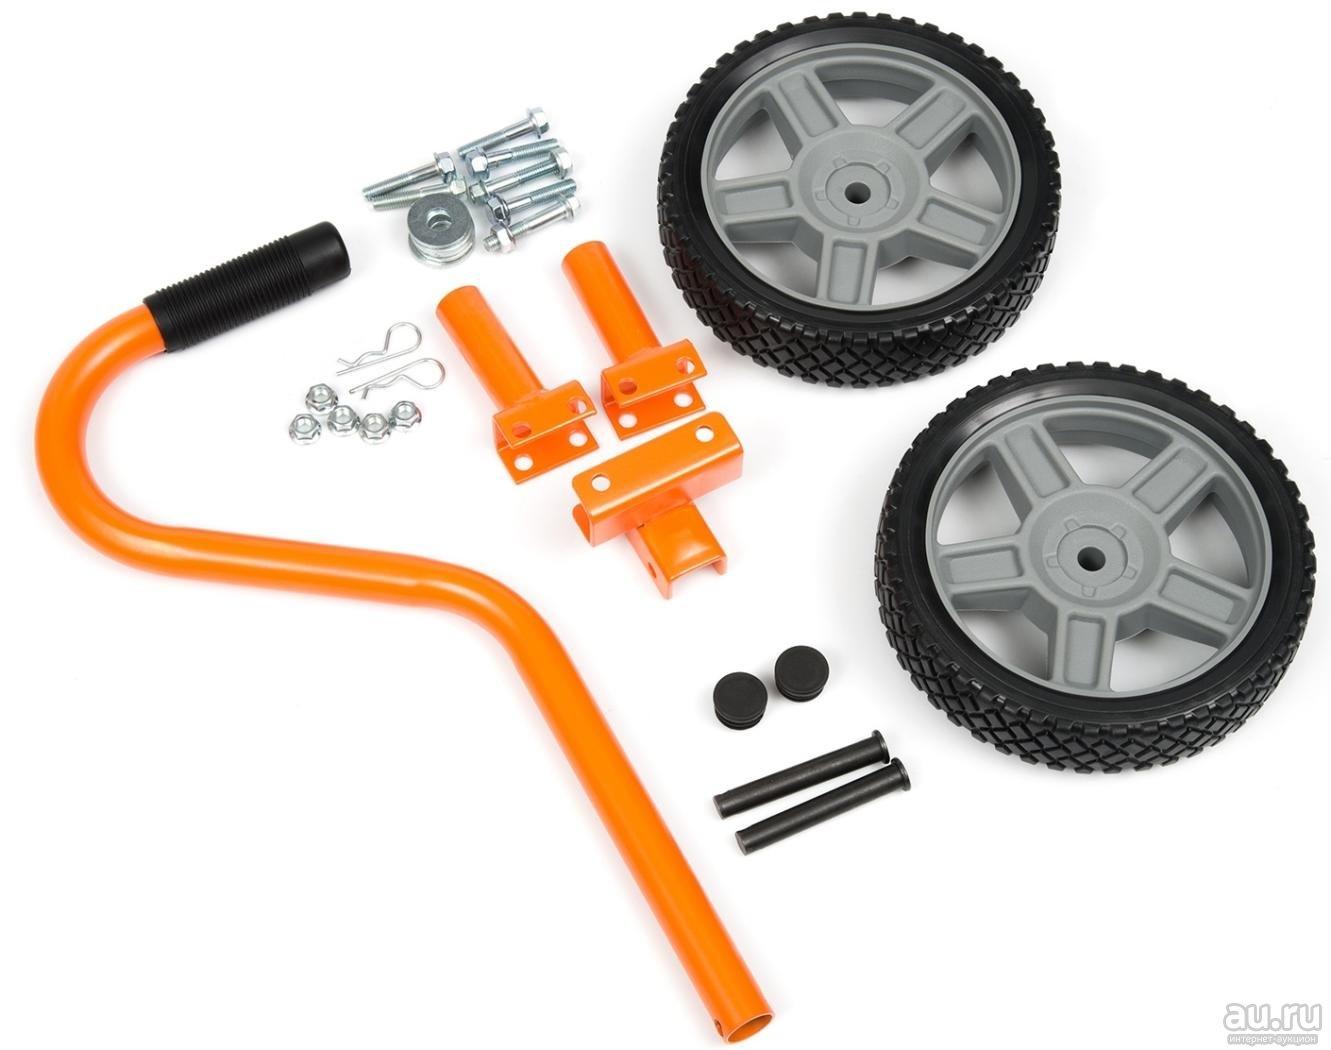 Комплект колес для генераторов ECT 7000 в Ашае